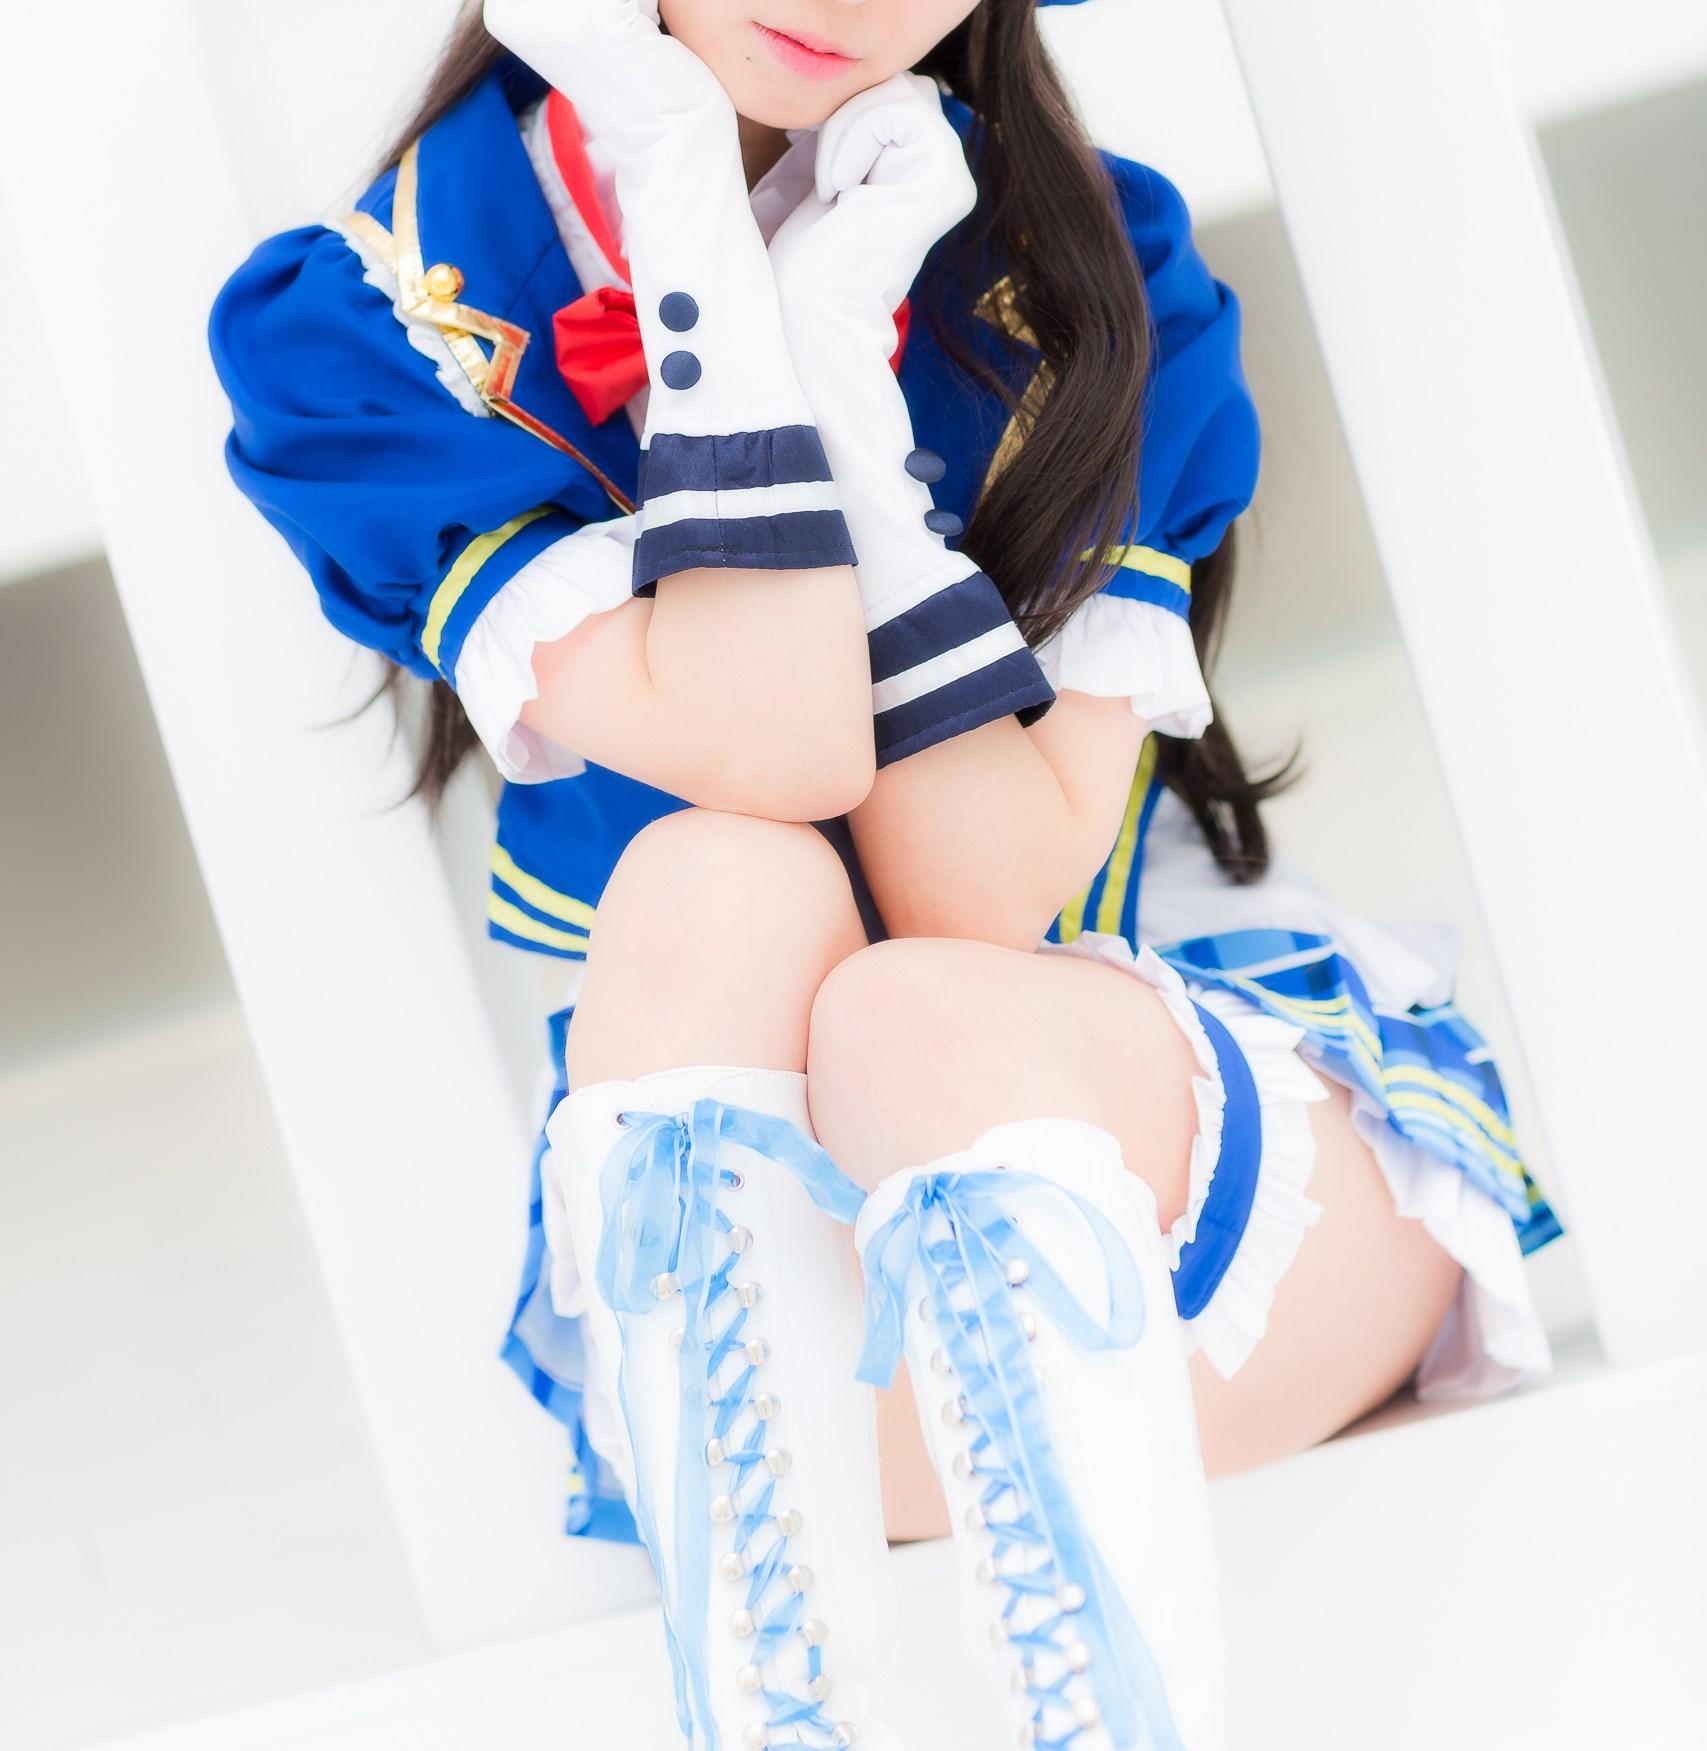 【兔玩映画】少女制服爱豆 兔玩映画 第62张